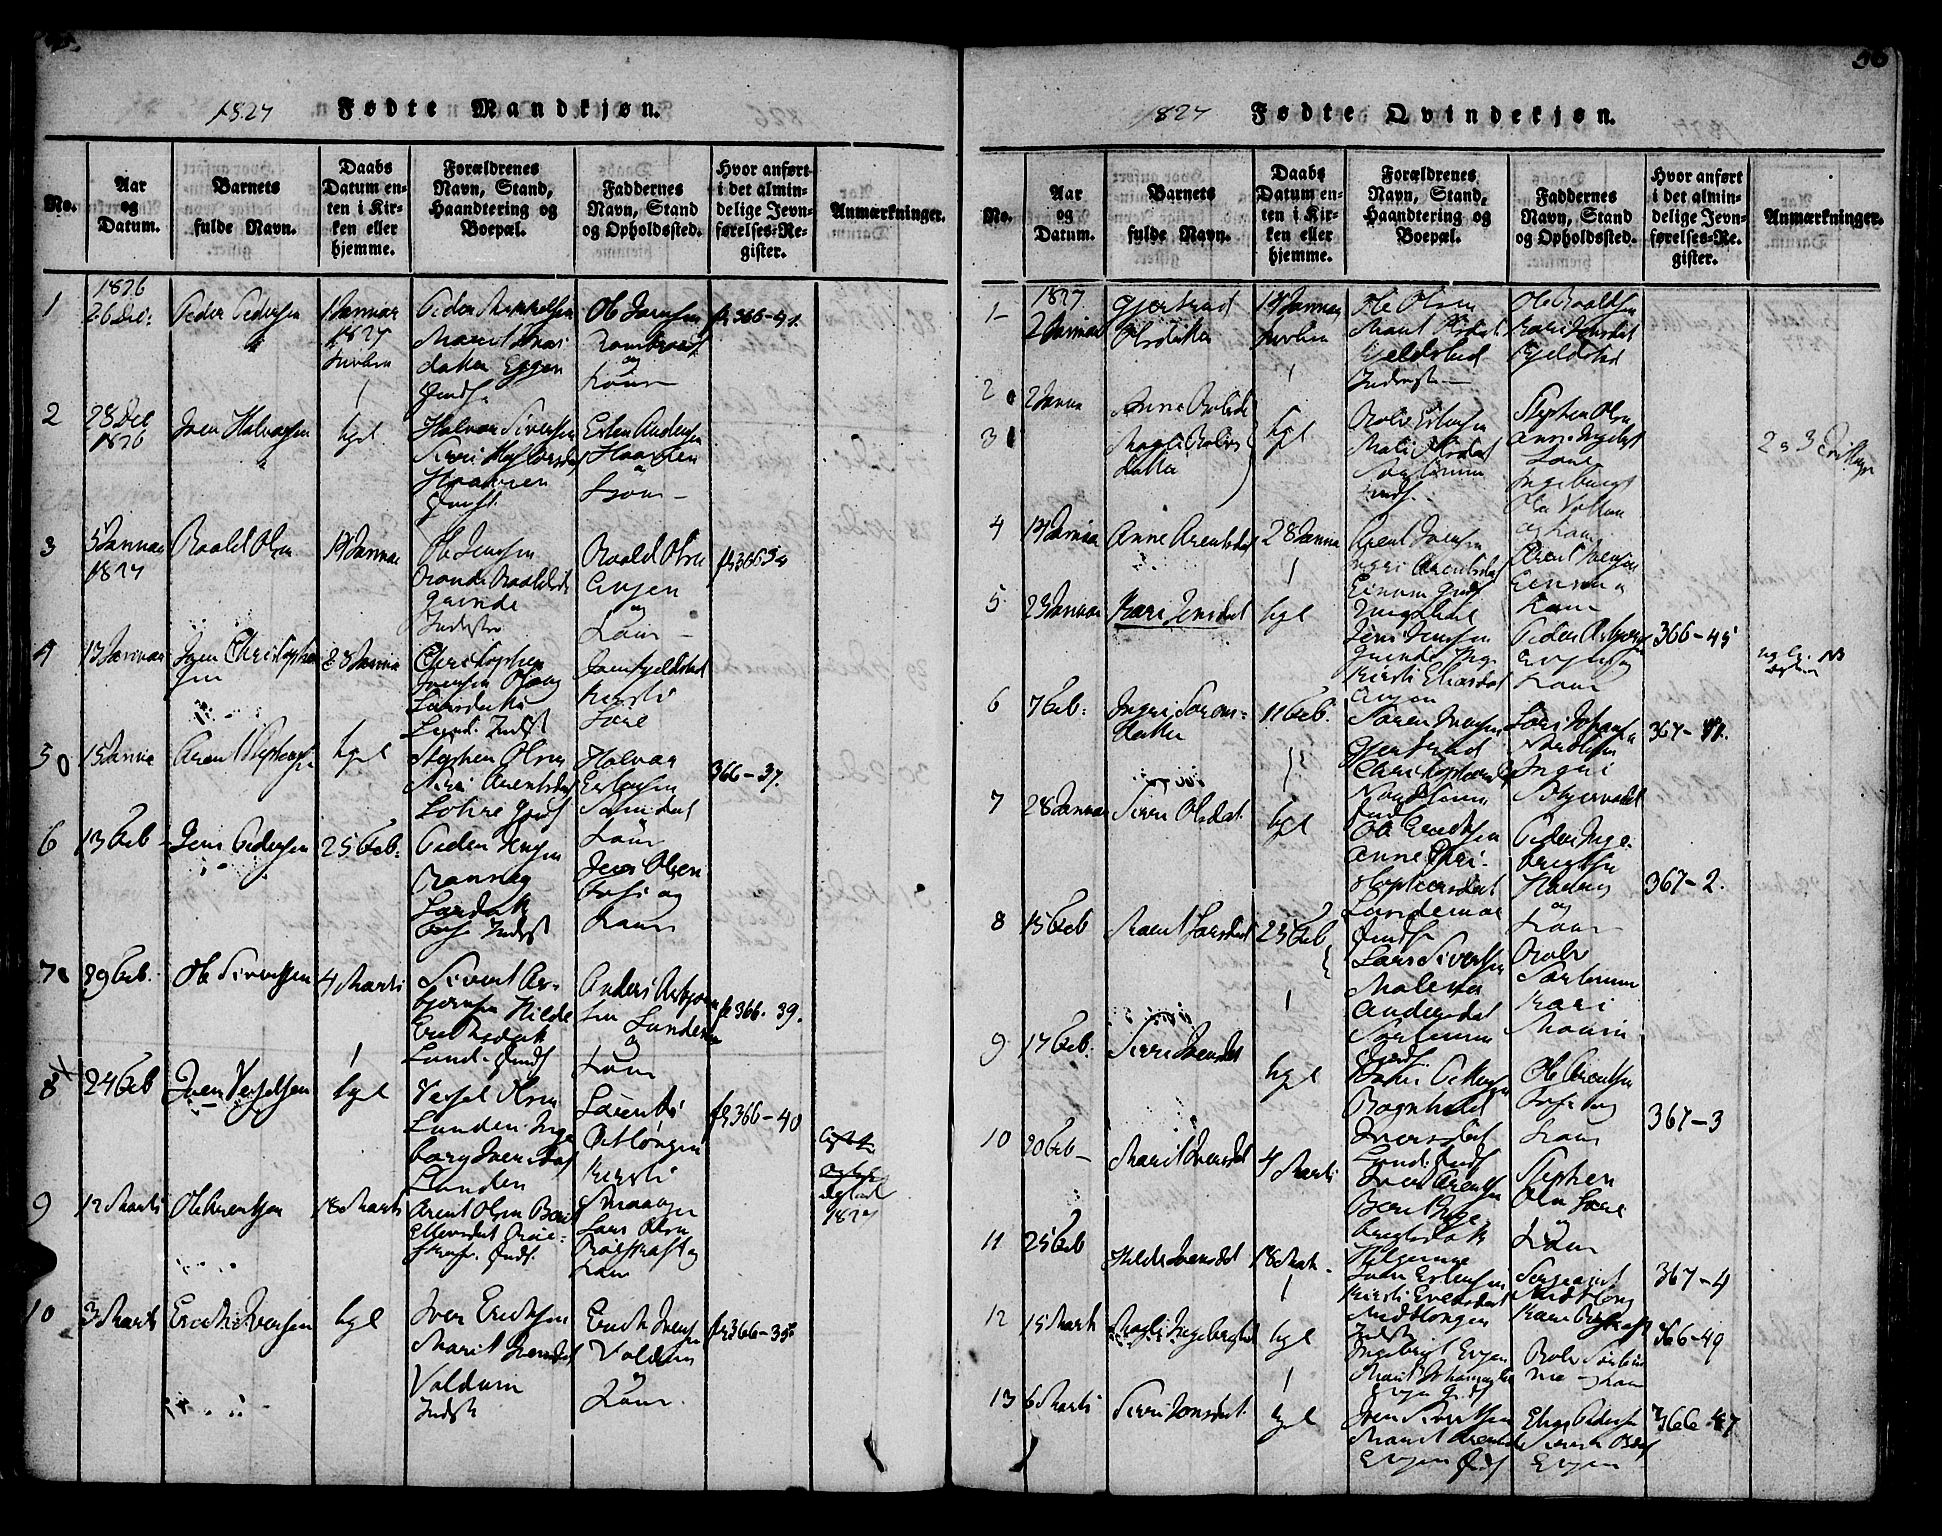 SAT, Ministerialprotokoller, klokkerbøker og fødselsregistre - Sør-Trøndelag, 692/L1102: Ministerialbok nr. 692A02, 1816-1842, s. 56